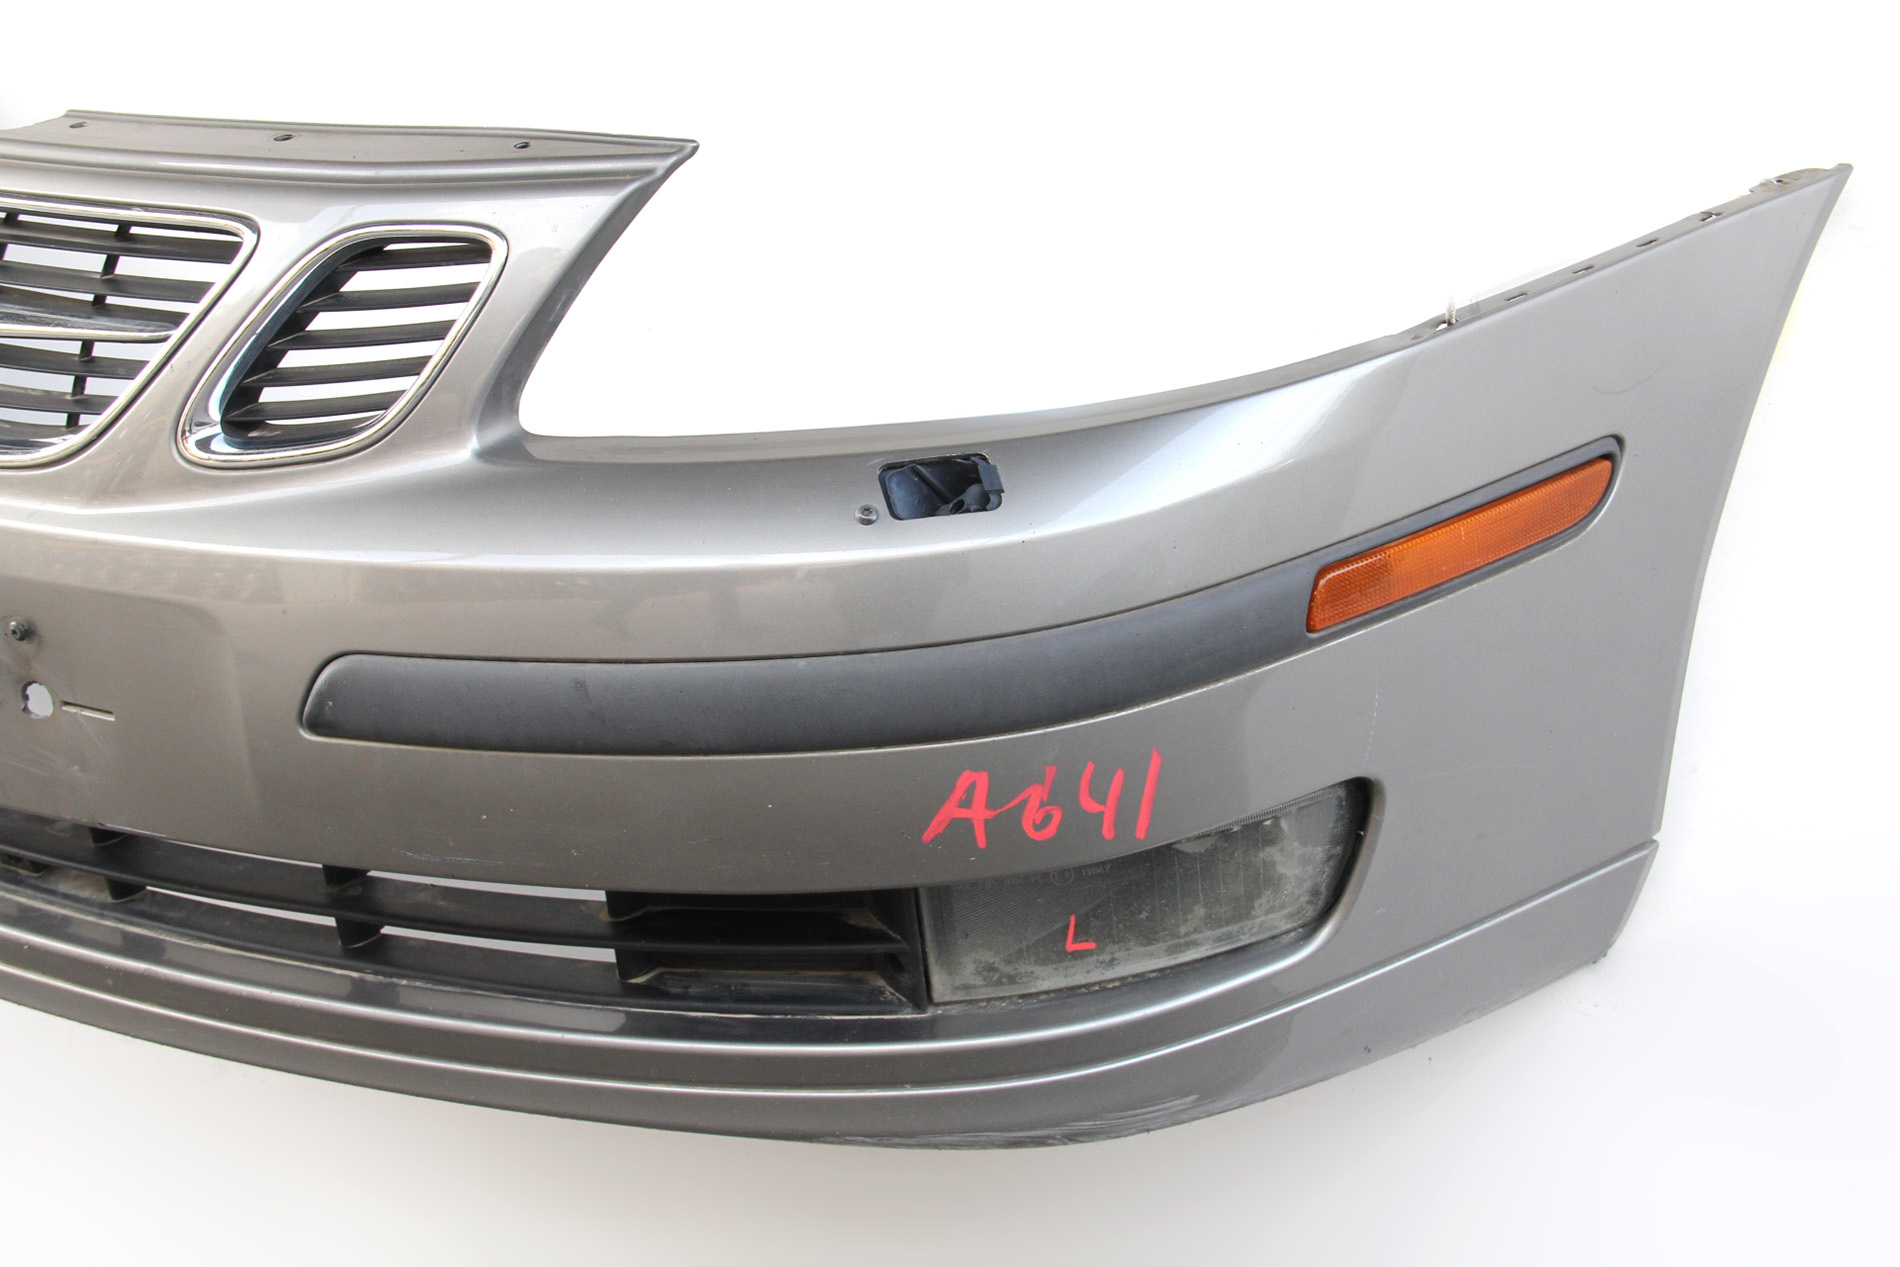 Saab 9-3 Sedan 2003 Front Bumper Face Cover Brown Full ...